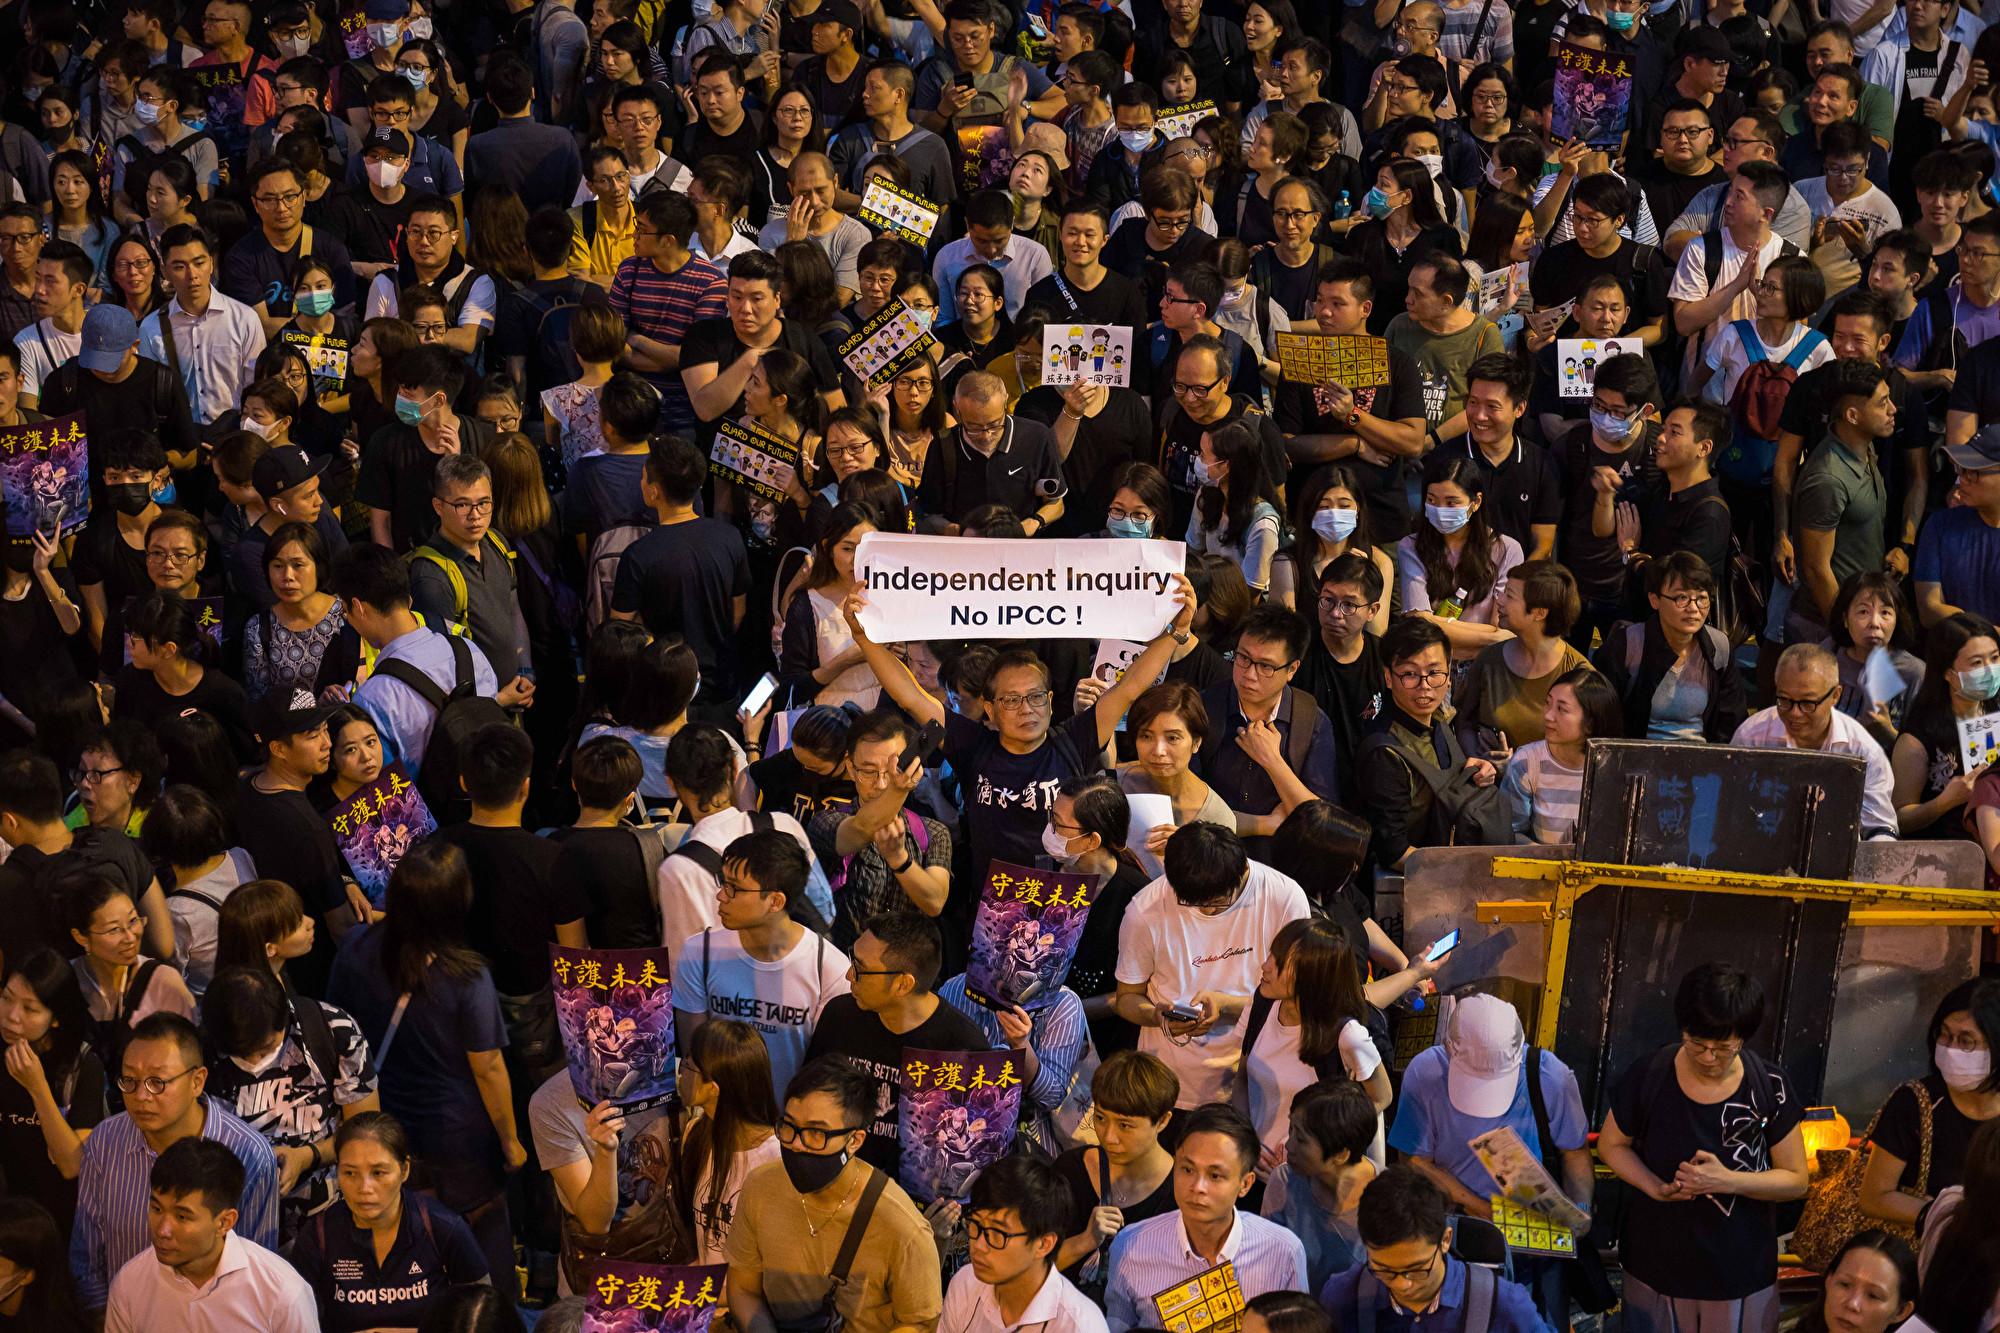 2019年8月2日,香港公務員集會在遮打花園舉行。圖為民眾舉著各種標語表達訴求。(Billy H.C. Kwok/Getty Images)